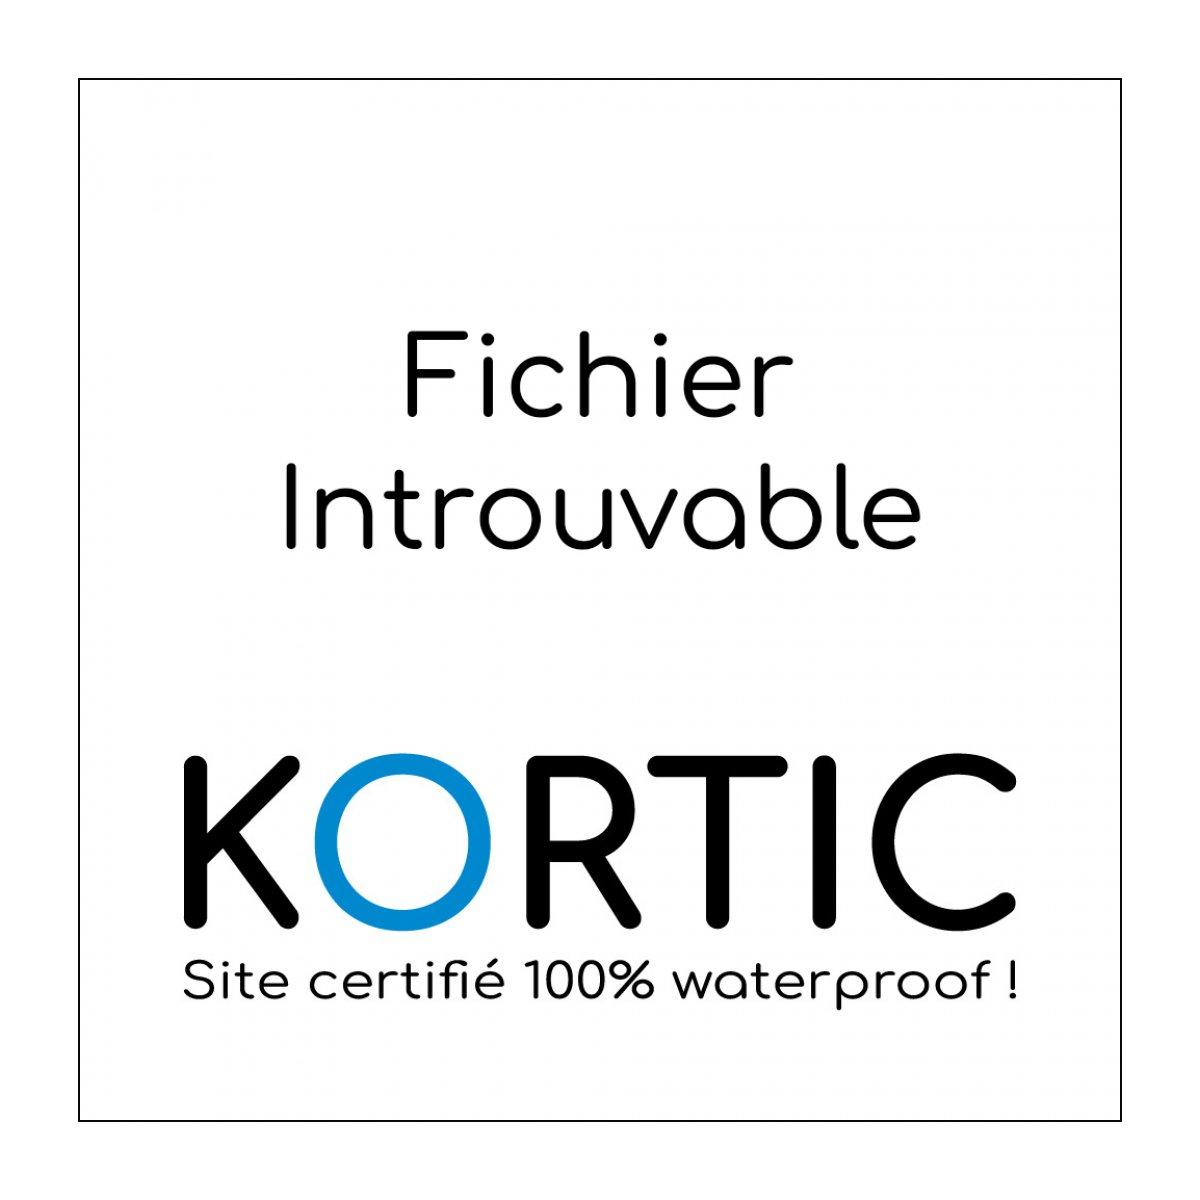 un homme casqué est entouré d'un fumigène jaune